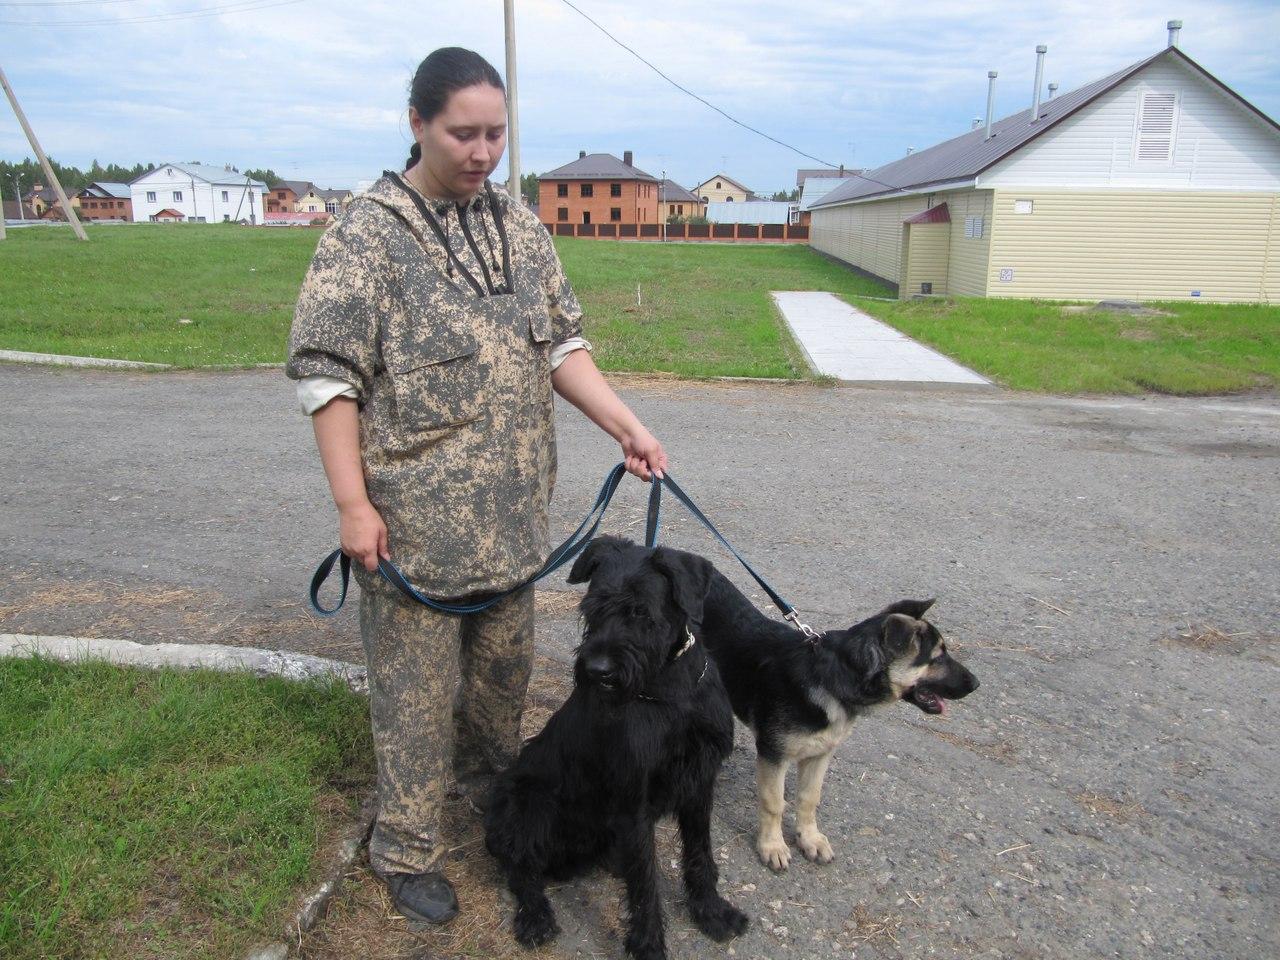 Кинолог Алла Дмитриева: Для наших собак укусить человека без команды - табу 2